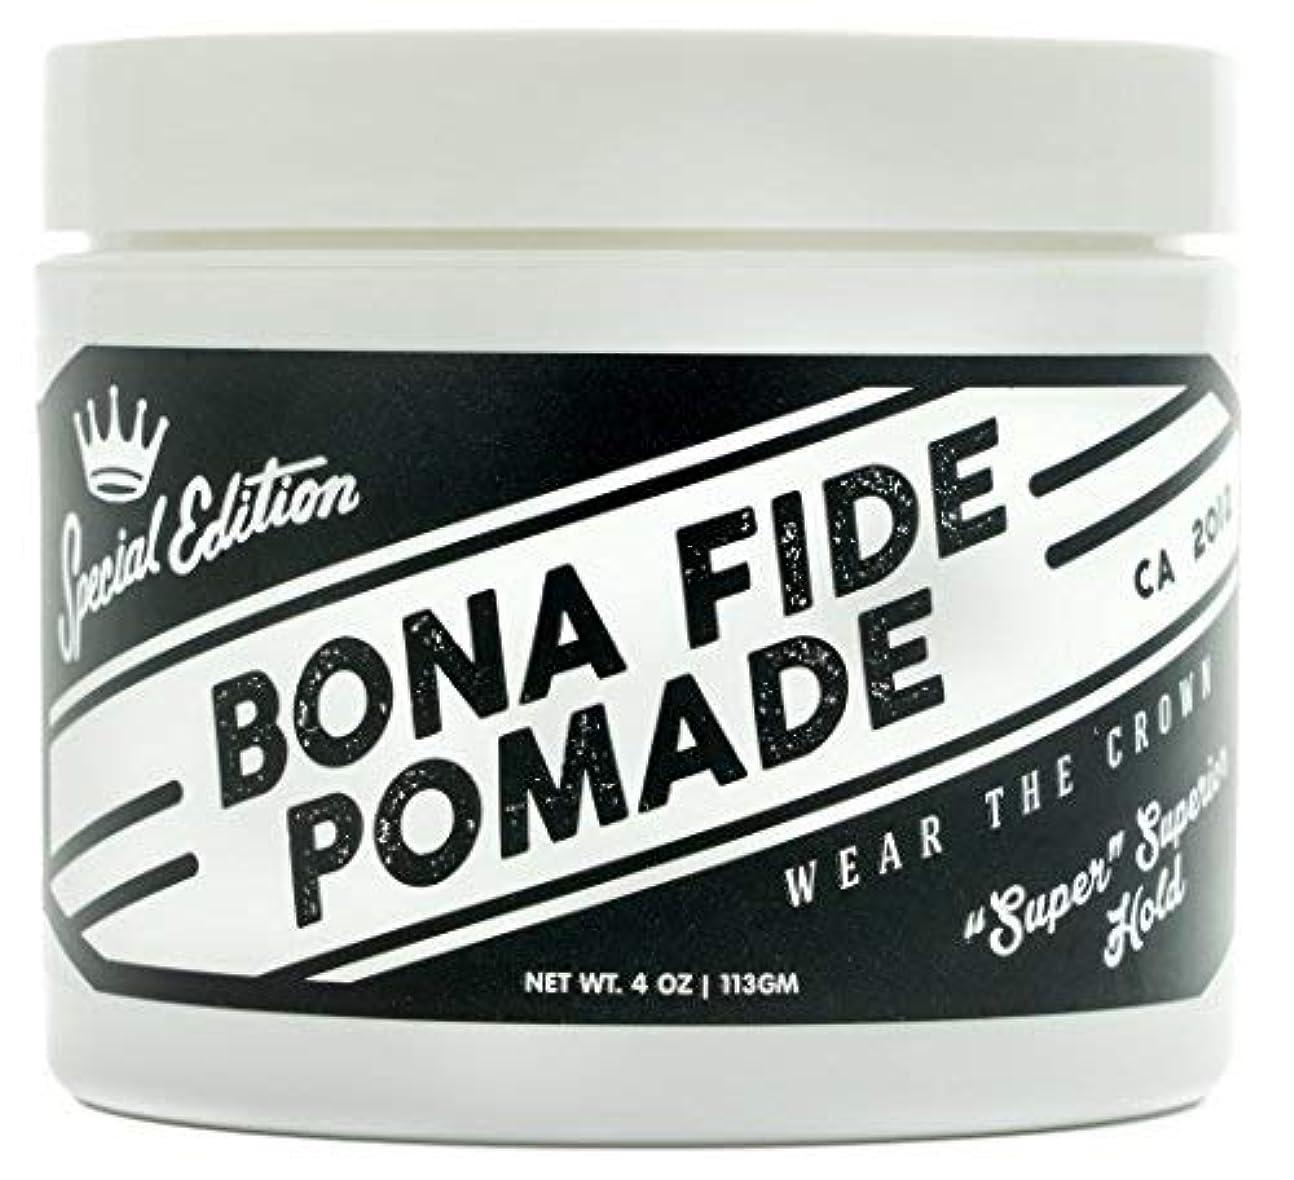 ルール立派なカイウスBona Fide Pomade, スーパースーペリアホールドSE, 4OZ (113g)、水性ポマード/ヘアー グリース (整髪料)